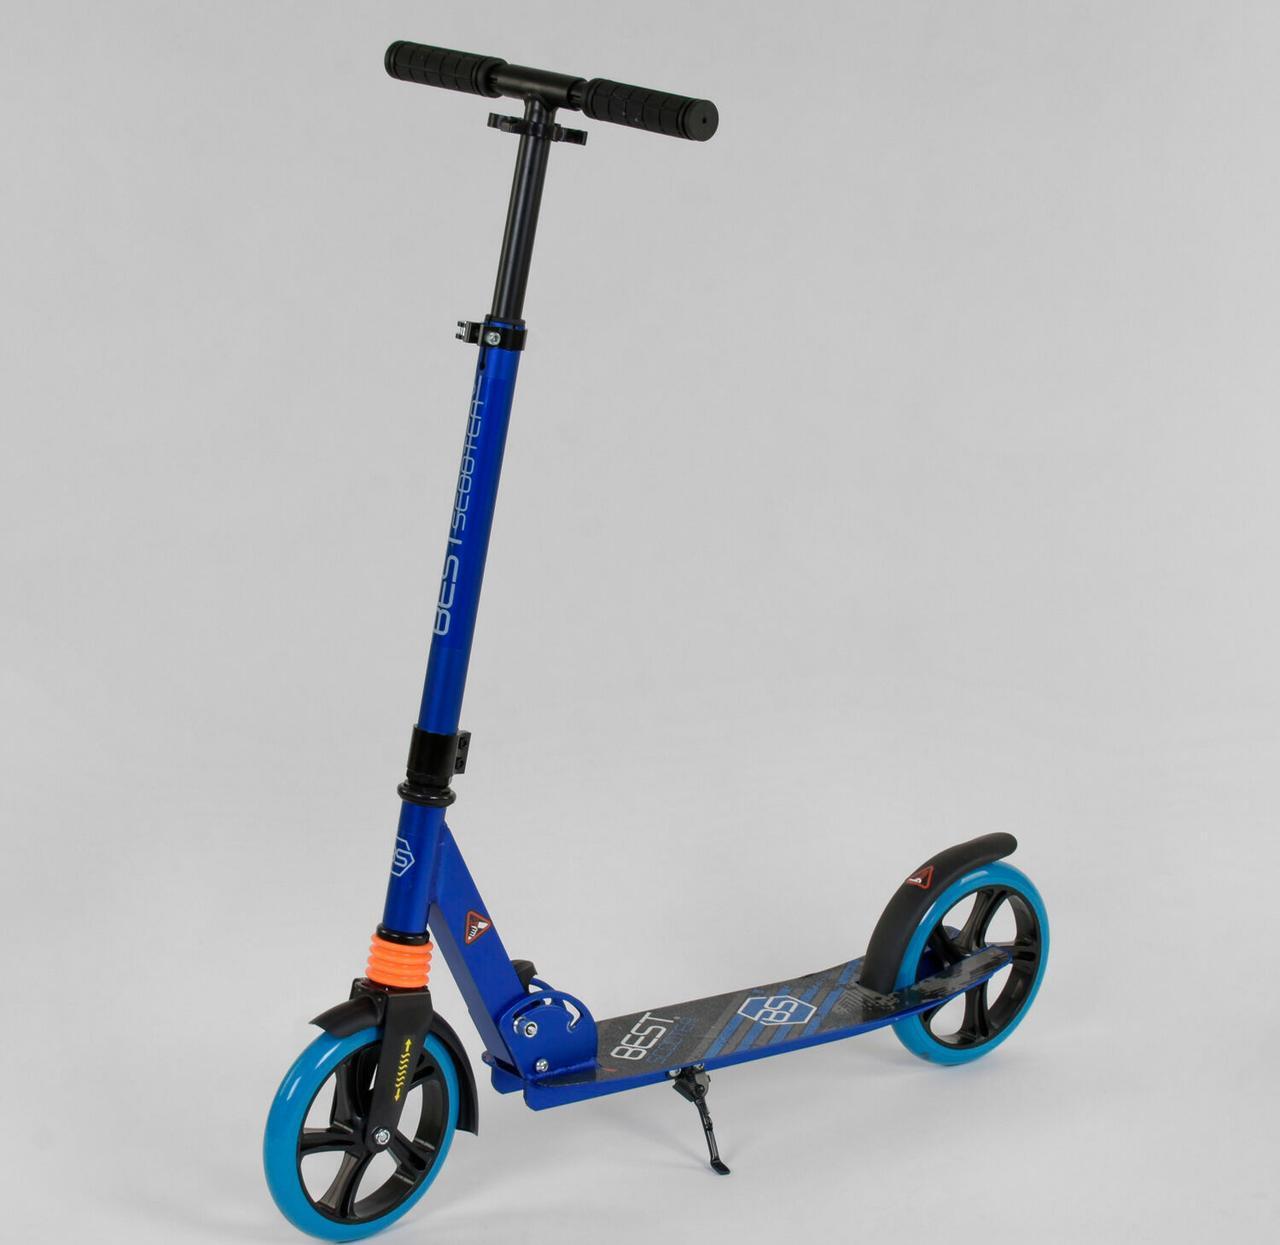 Двоколісний Самокат Best Scooter, Синій, кольорові колеса PU - 20 см, затиск керма, довжина дошки 53 см